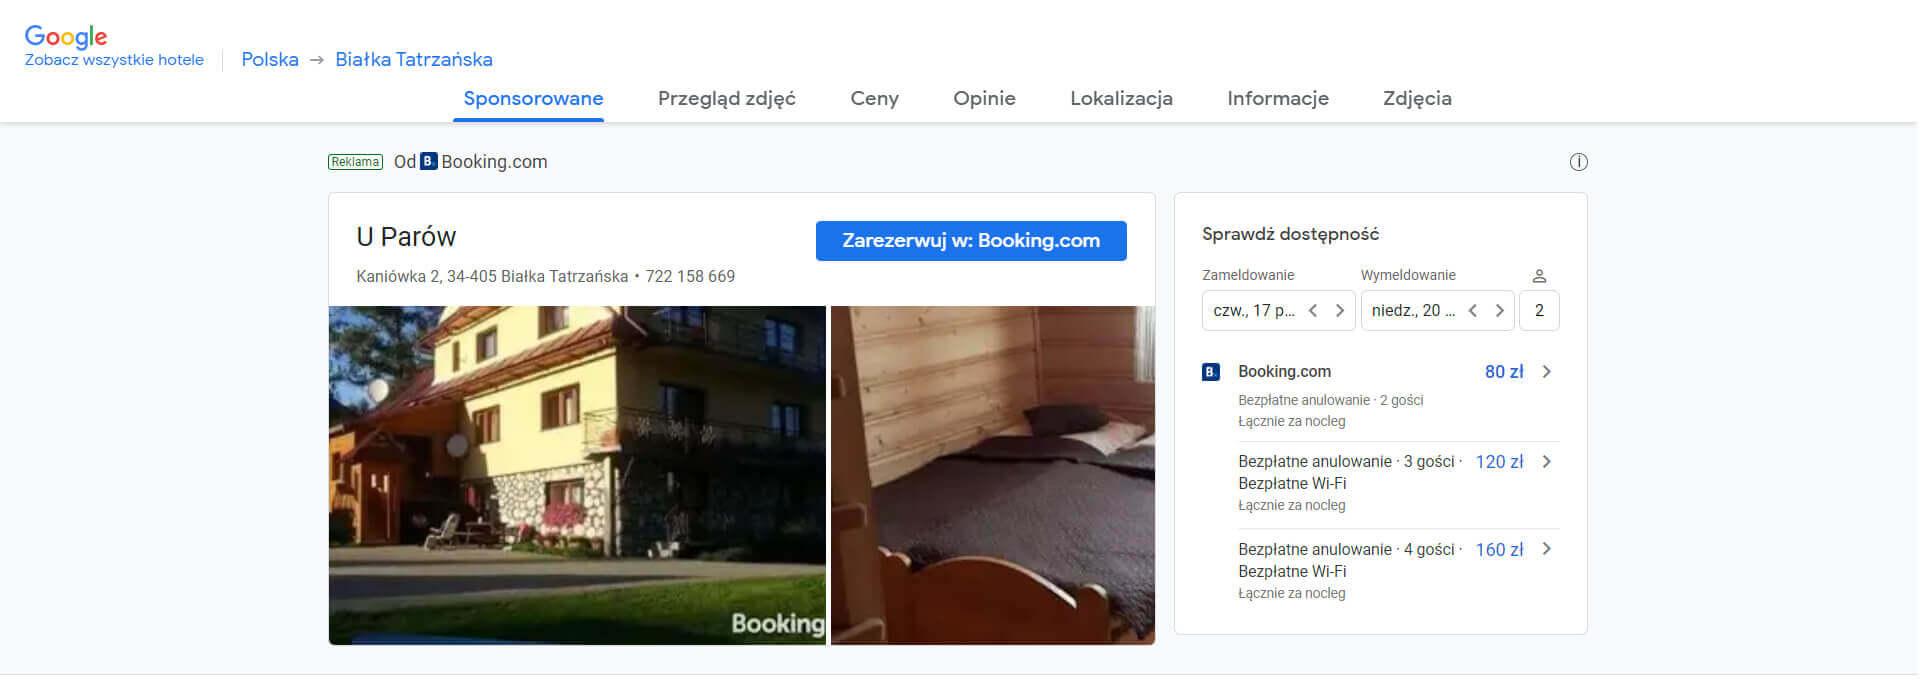 reklamowanie hotelu w google